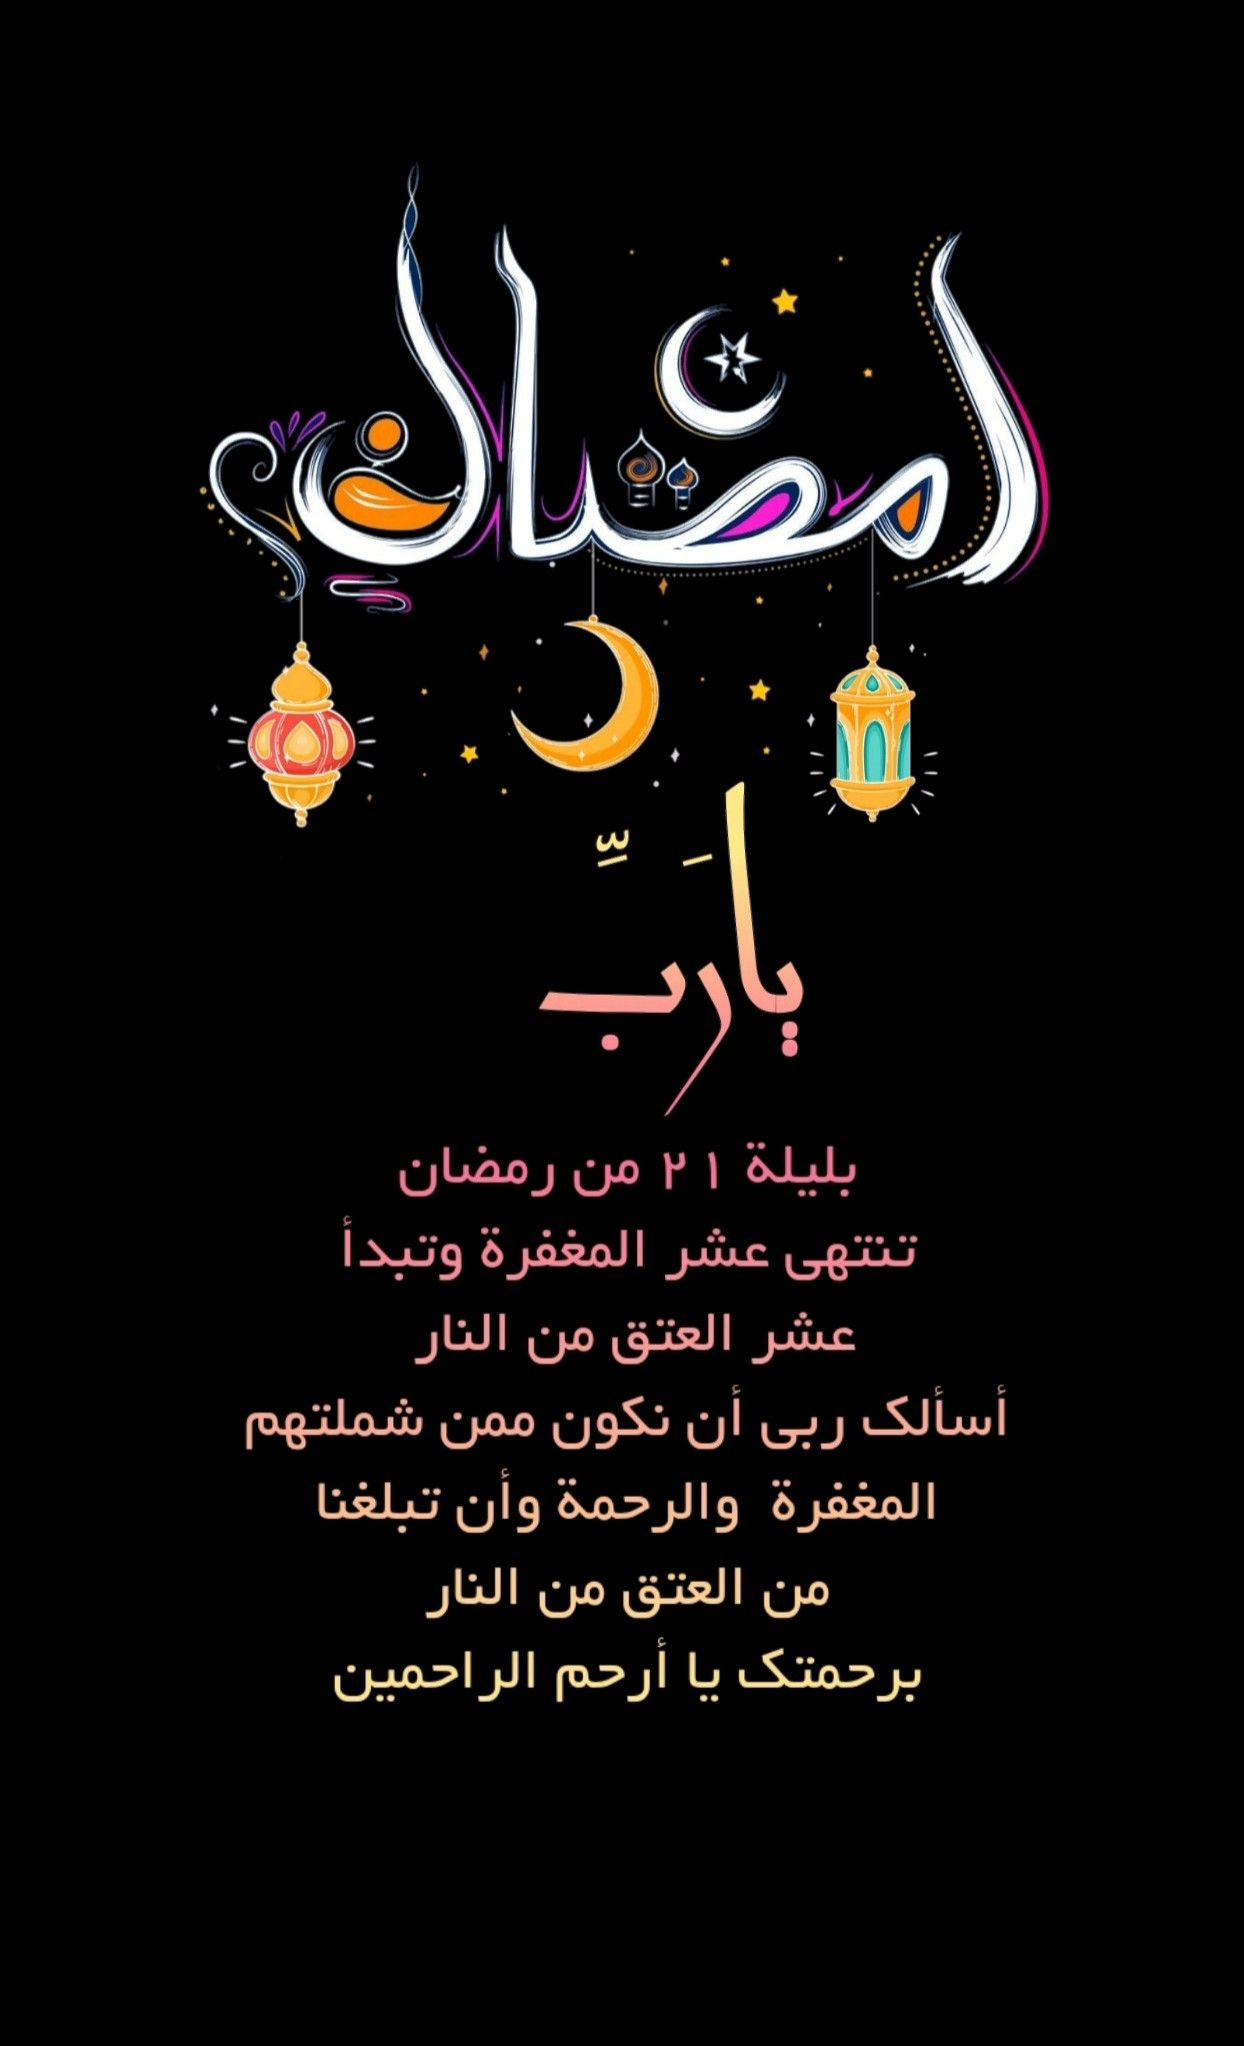 يار ب بليلة ٢١ من رمضان تنتهي عشر المغفرة وتبدأ عشر العتق من النار أسألك ربي أن نكون ممن شملتهم المغفرة والرحم Ramadan Greetings Ramadan Ramadan Kareem